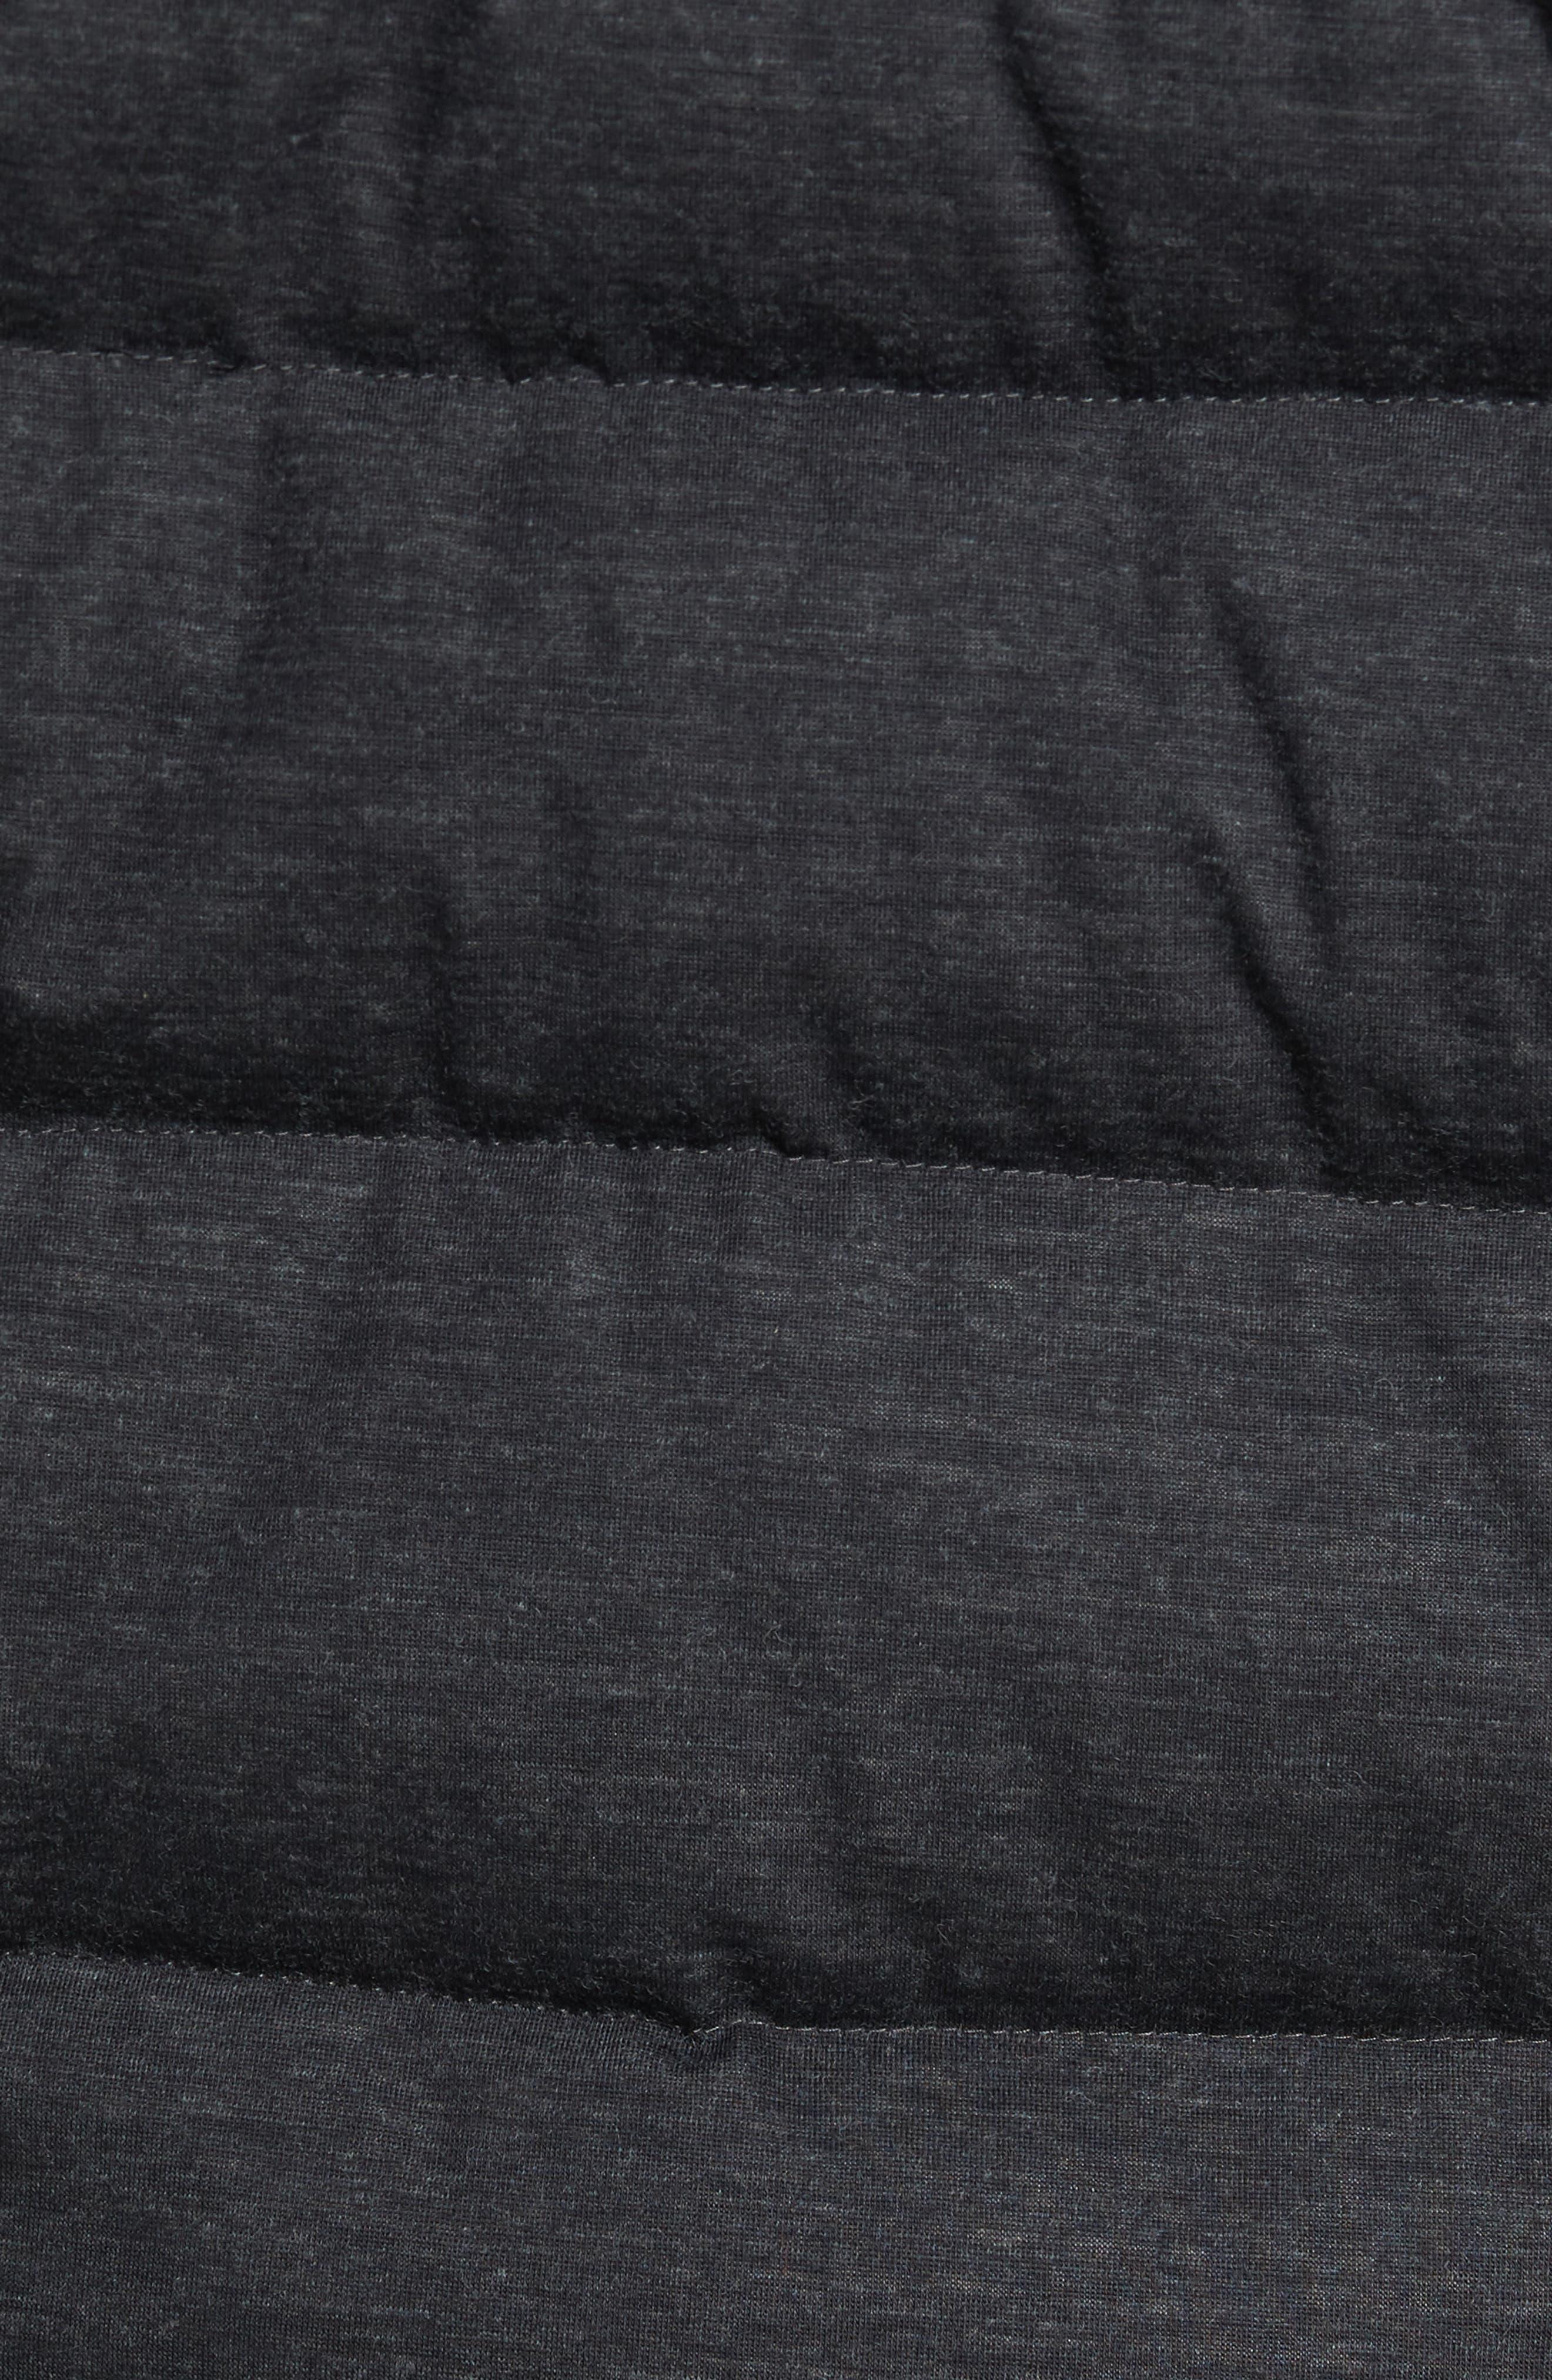 Cryos Waterproof Down Jacket,                             Alternate thumbnail 5, color,                             Dark Grey Heather